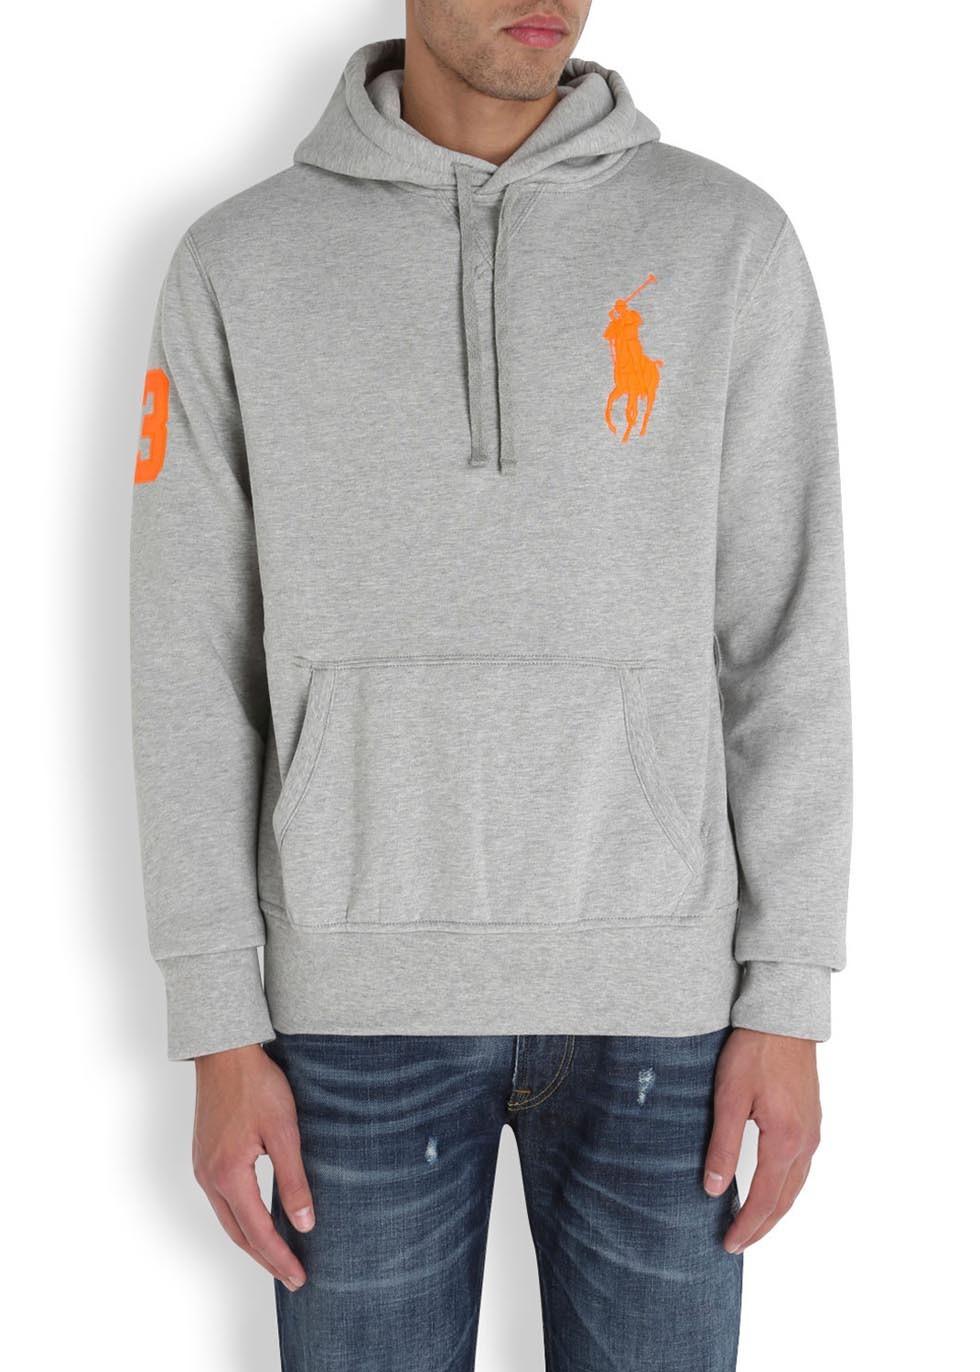 polo ralph lauren canterbury heather grey hooded sweatshirt; lyst polo ralph  lauren hooded jersey sweatshirt in orange for men